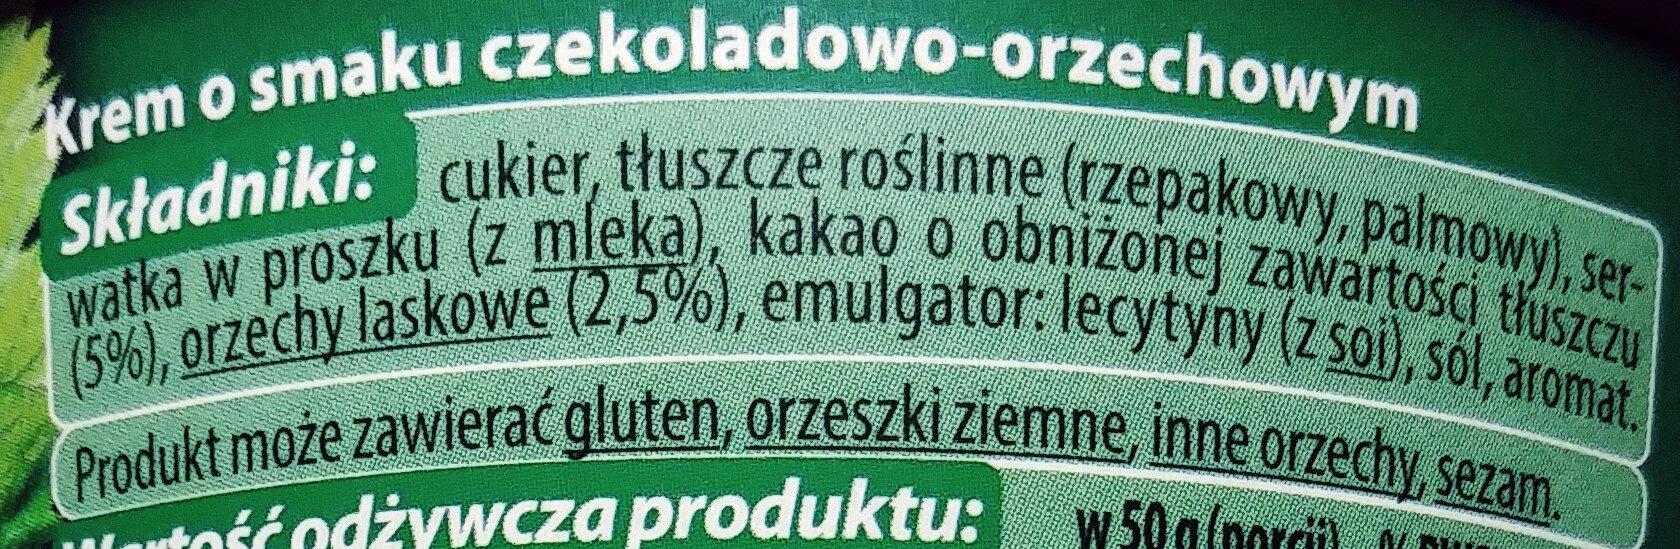 Krem o smaku czekoladowo-orzechowym - Składniki - pl